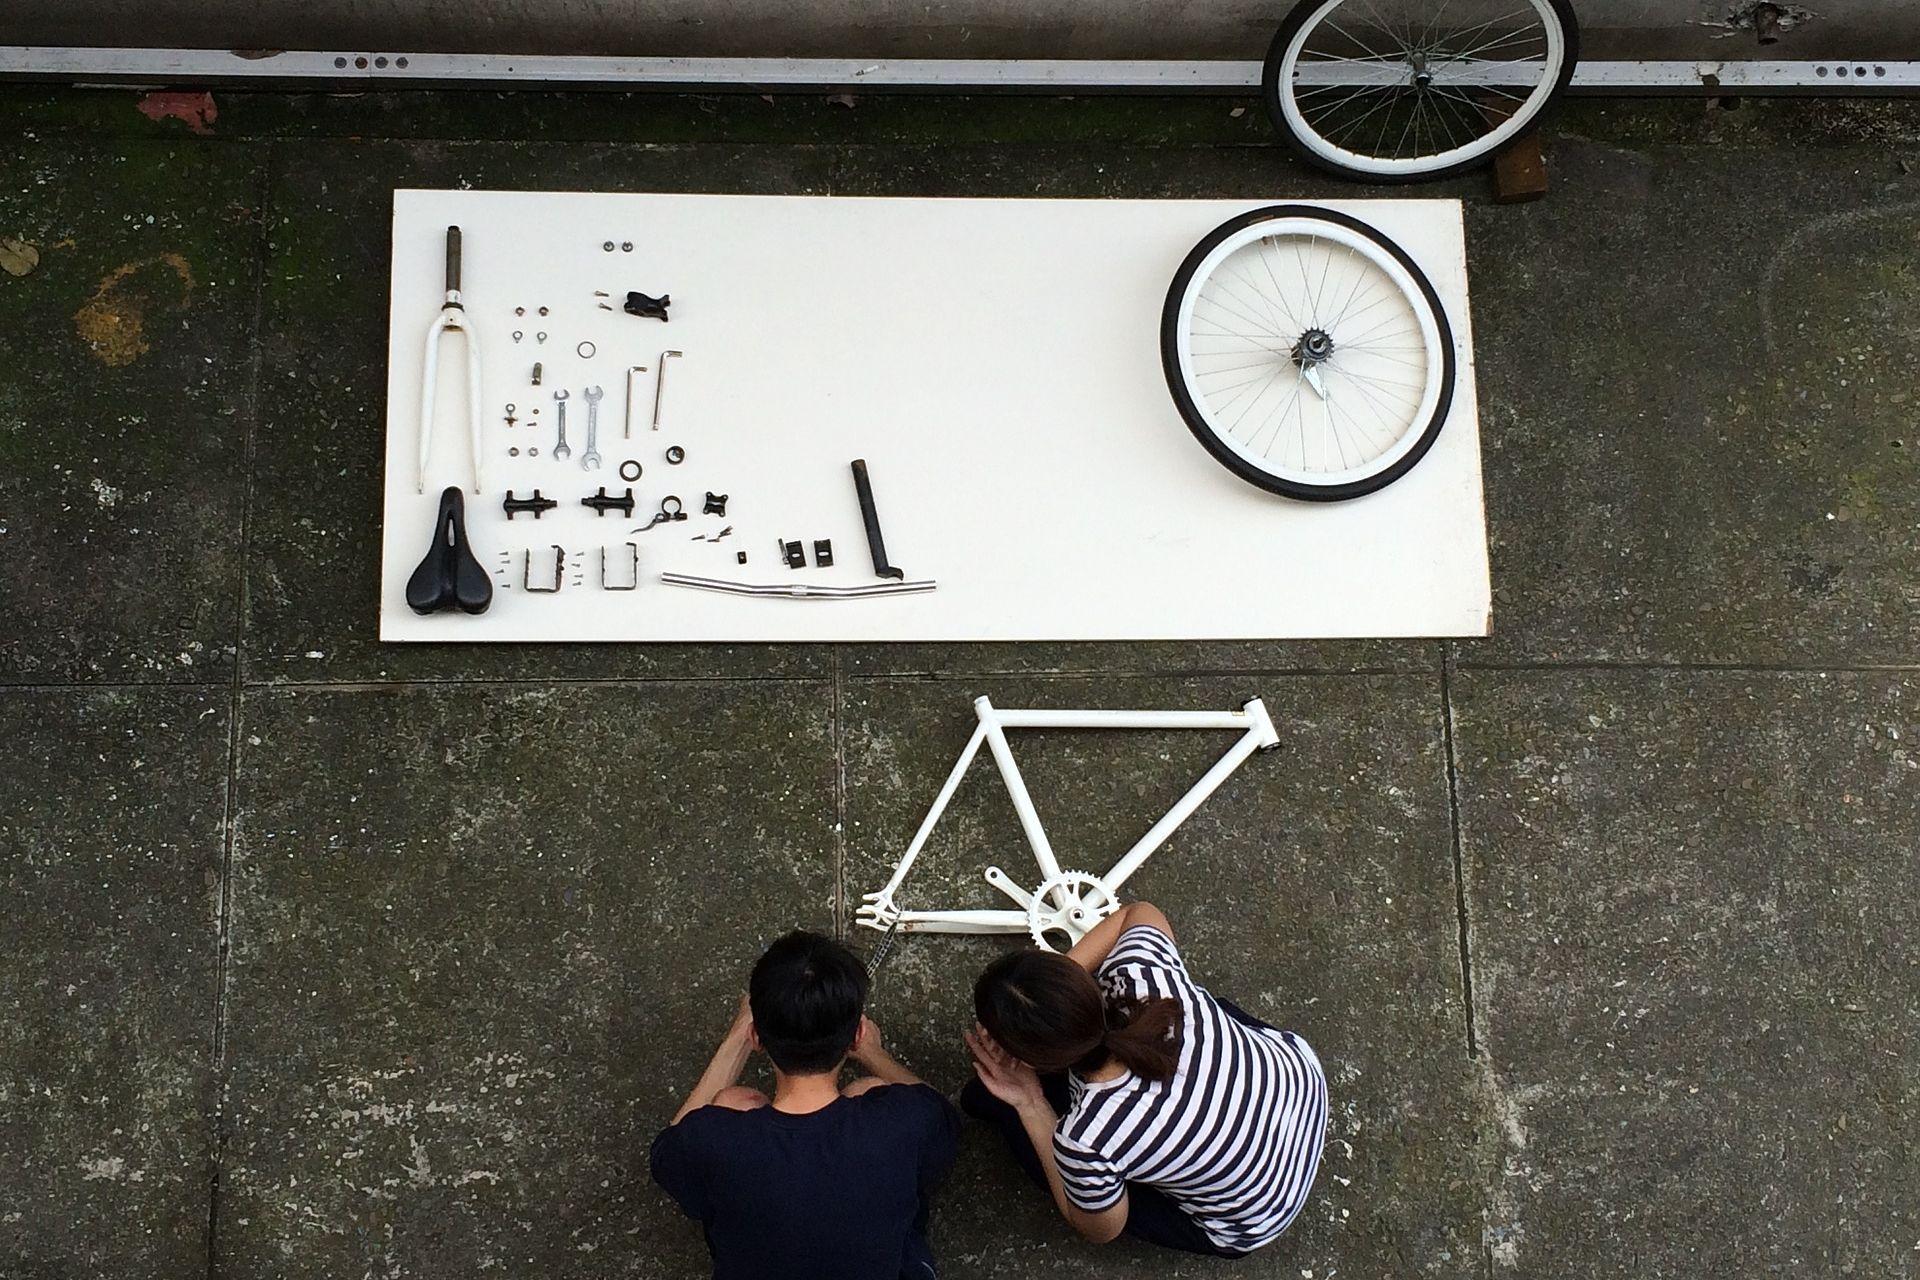 Pärchen baut ein Fahrrad aus einem Bausatz zusammen als Beispiel für eine Geschäftsmodell-Innovation der Innovationsarten